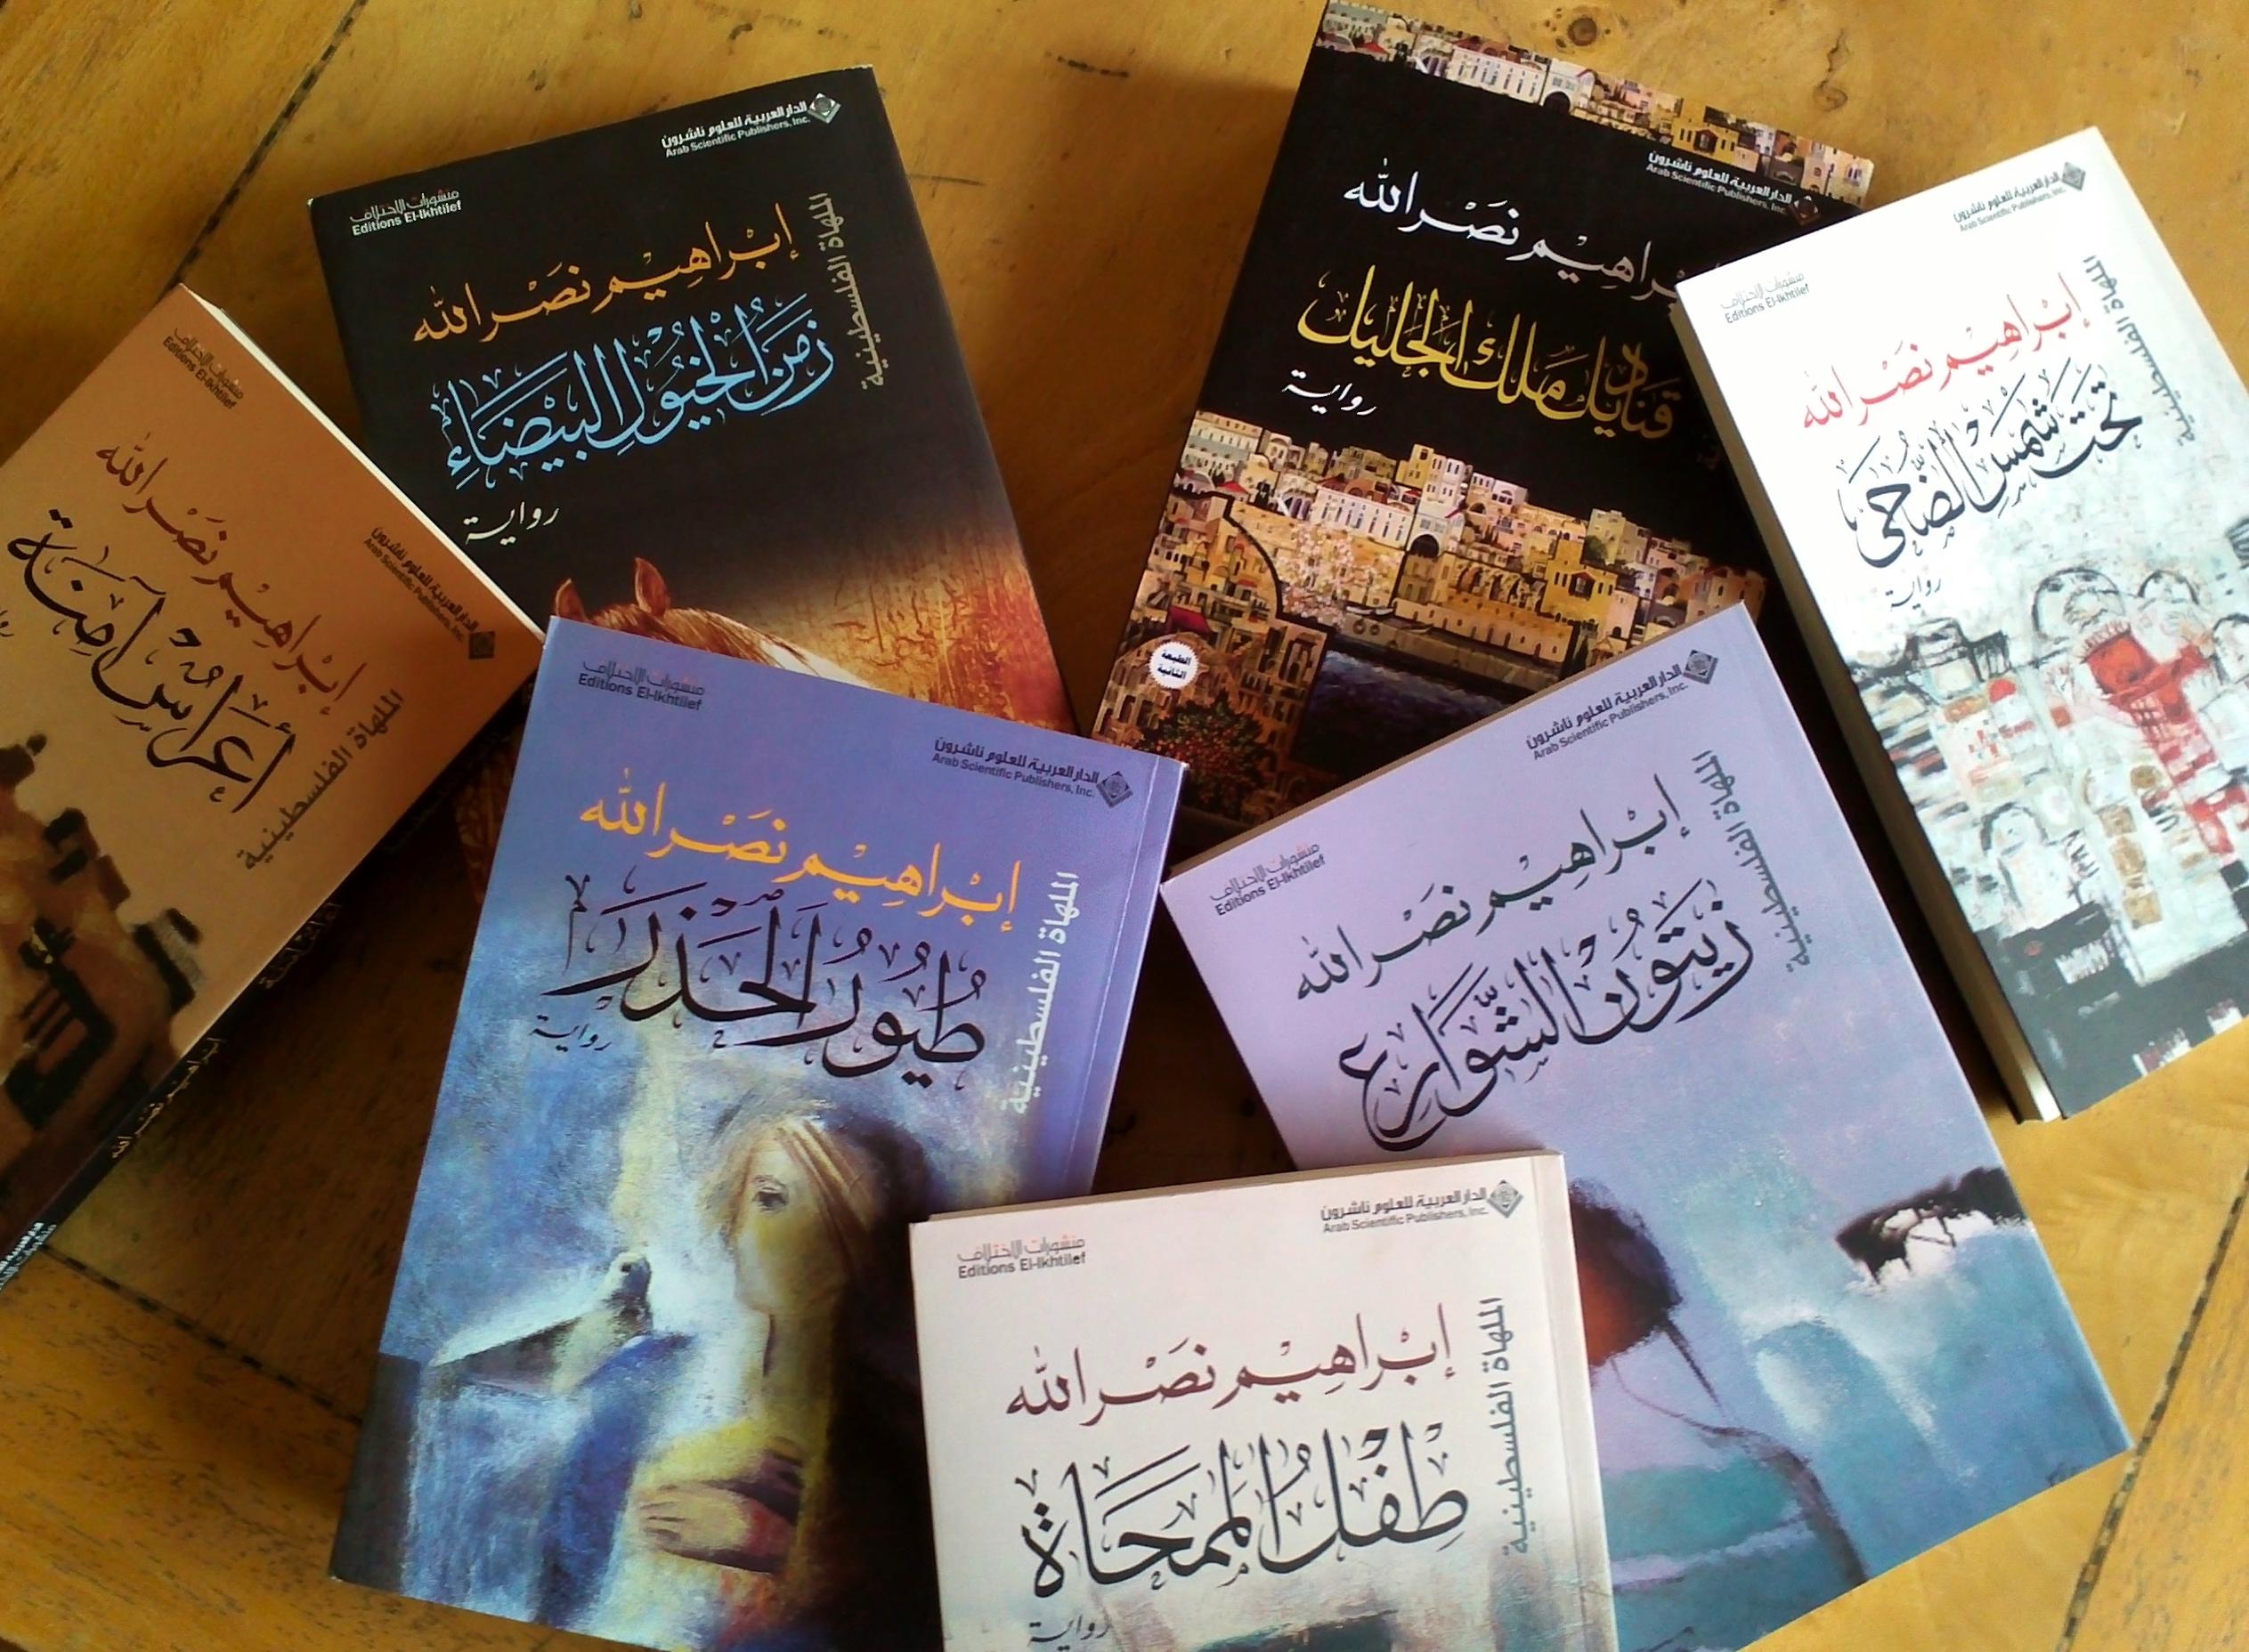 مجموعة من مؤلفات نصرالله